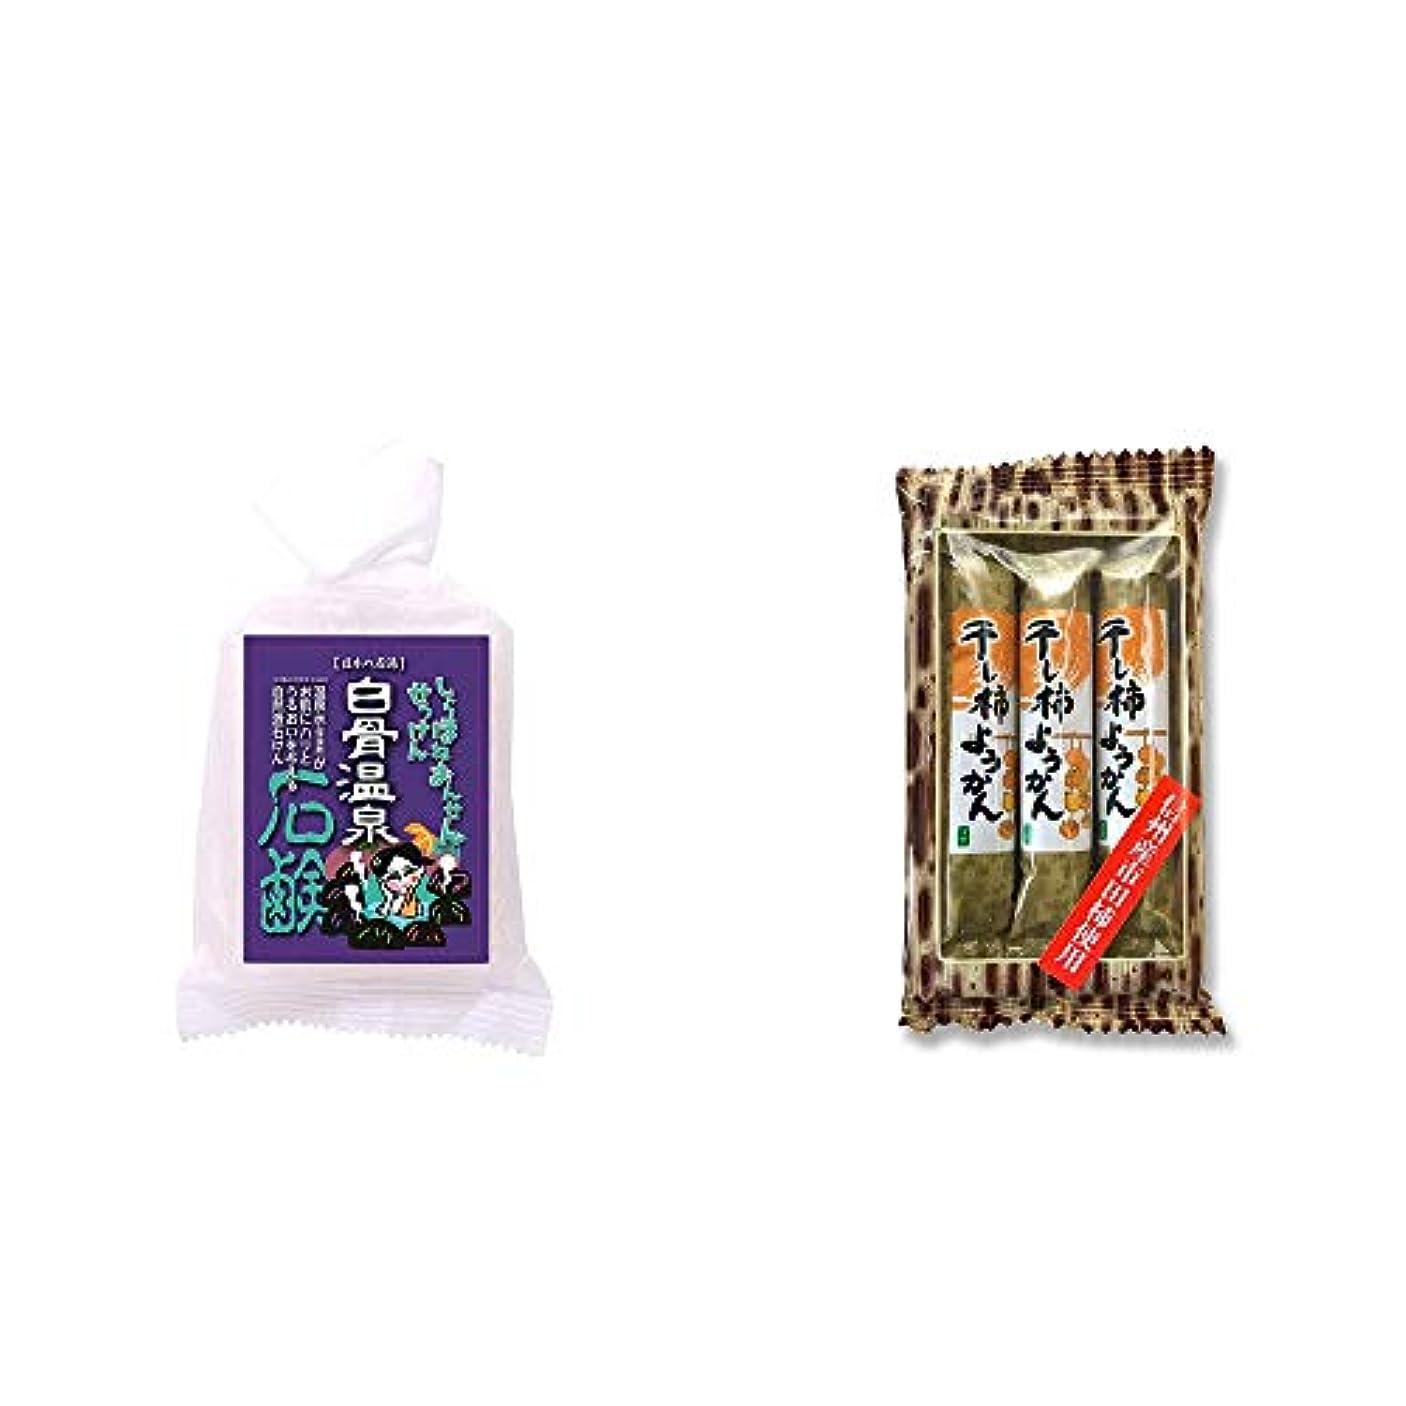 闘争歯科のマインドフル[2点セット] 信州 白骨温泉石鹸(80g)?信州産市田柿使用 スティックようかん[柿](50g×3本)